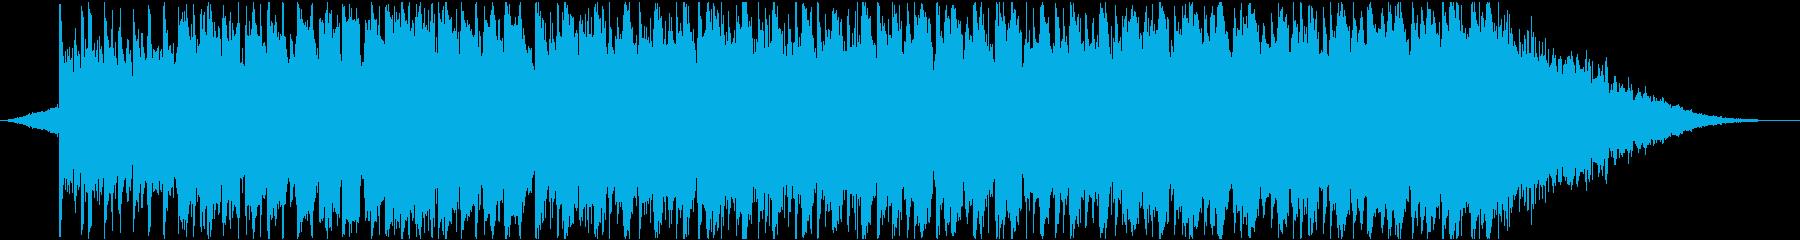 爽やかで明るい30秒ジングルの再生済みの波形